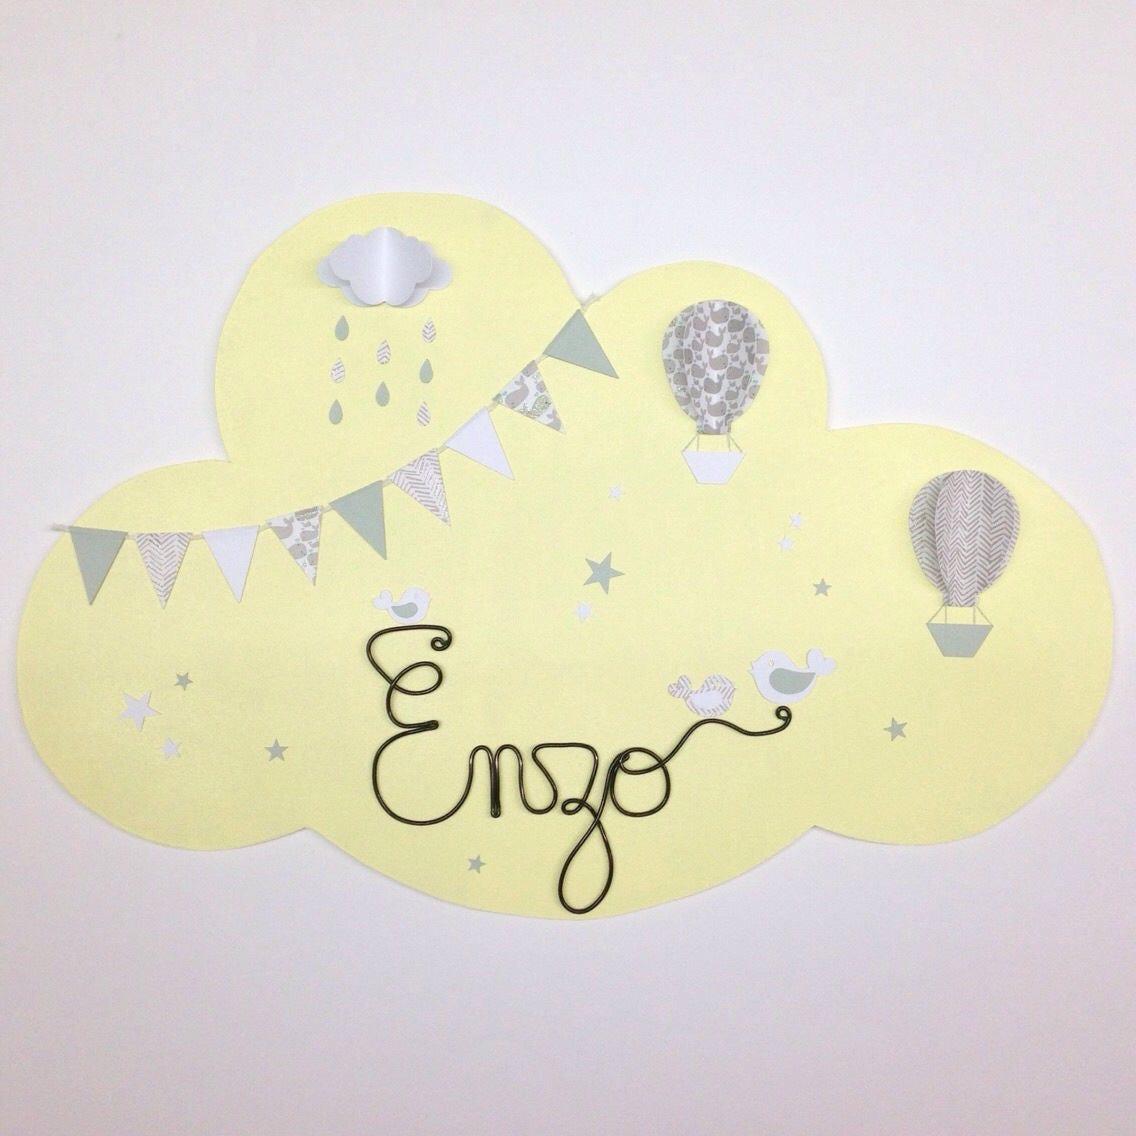 d coration murale nuage pour la chambre de votre enfant. Black Bedroom Furniture Sets. Home Design Ideas